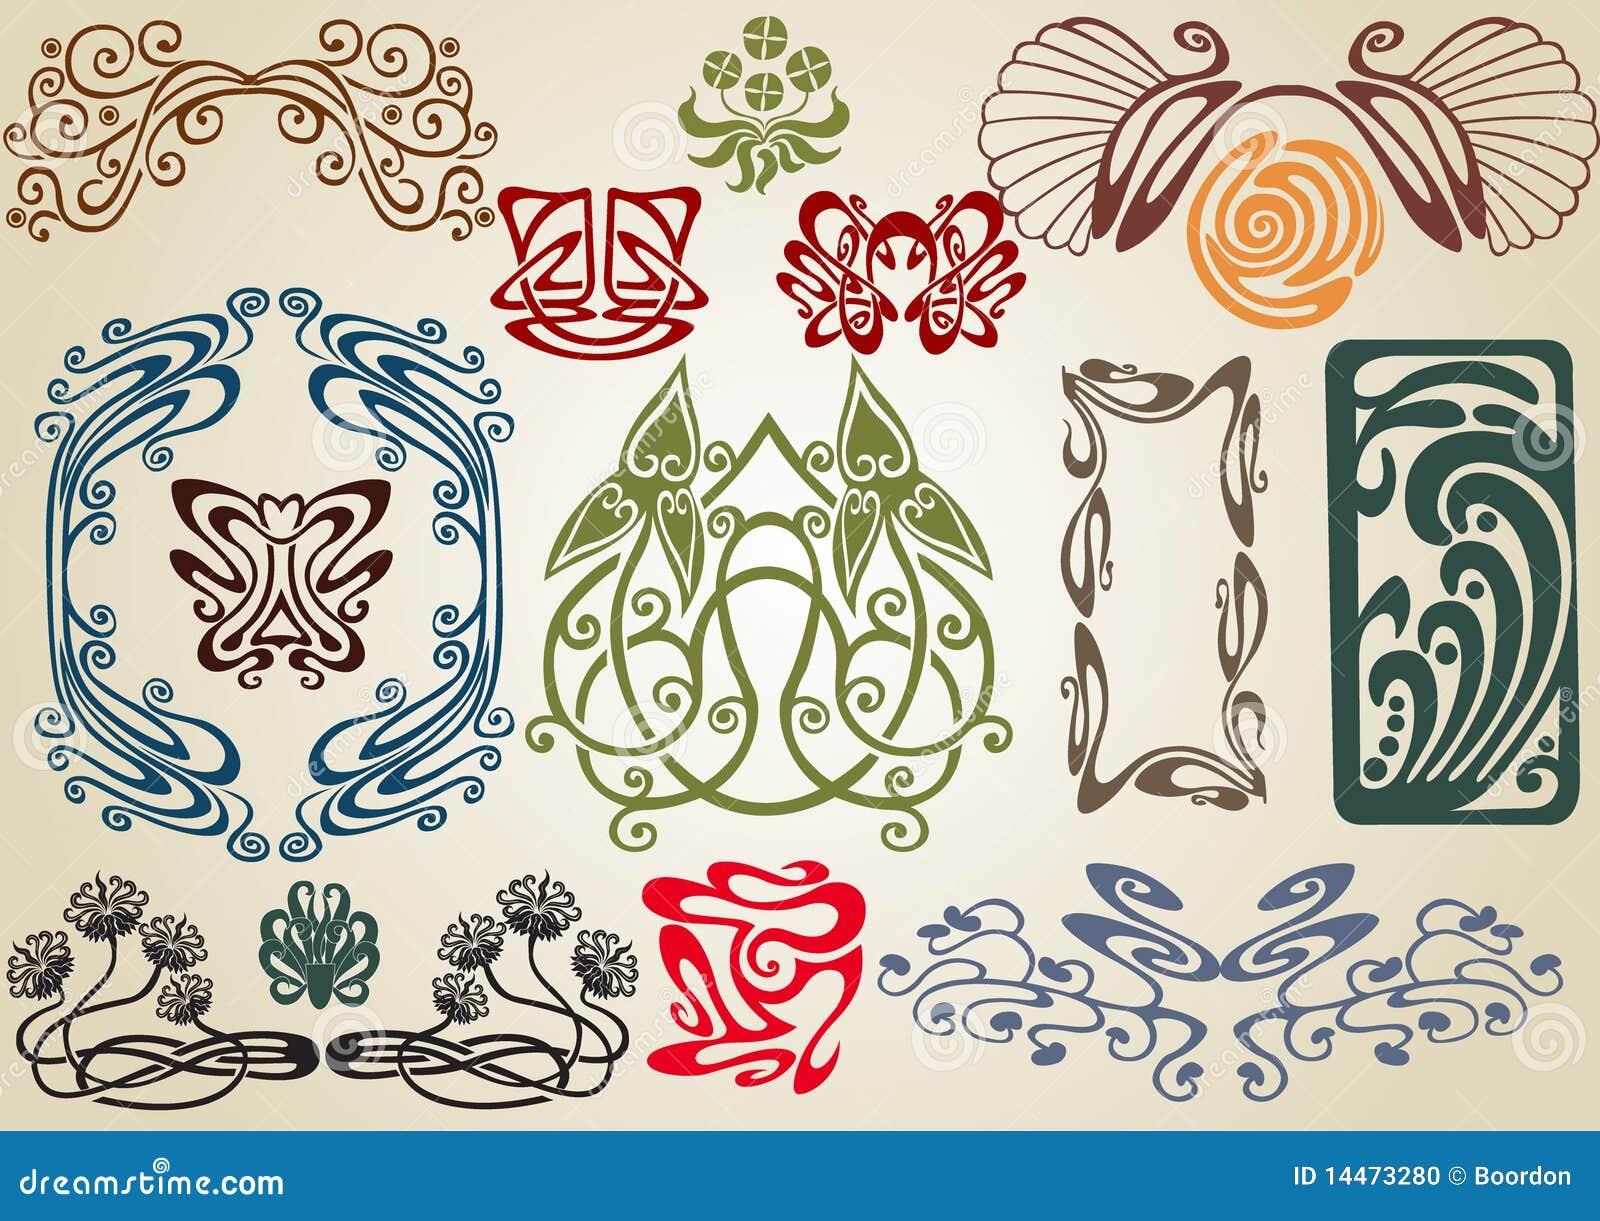 Art Nouveau Graphics Design